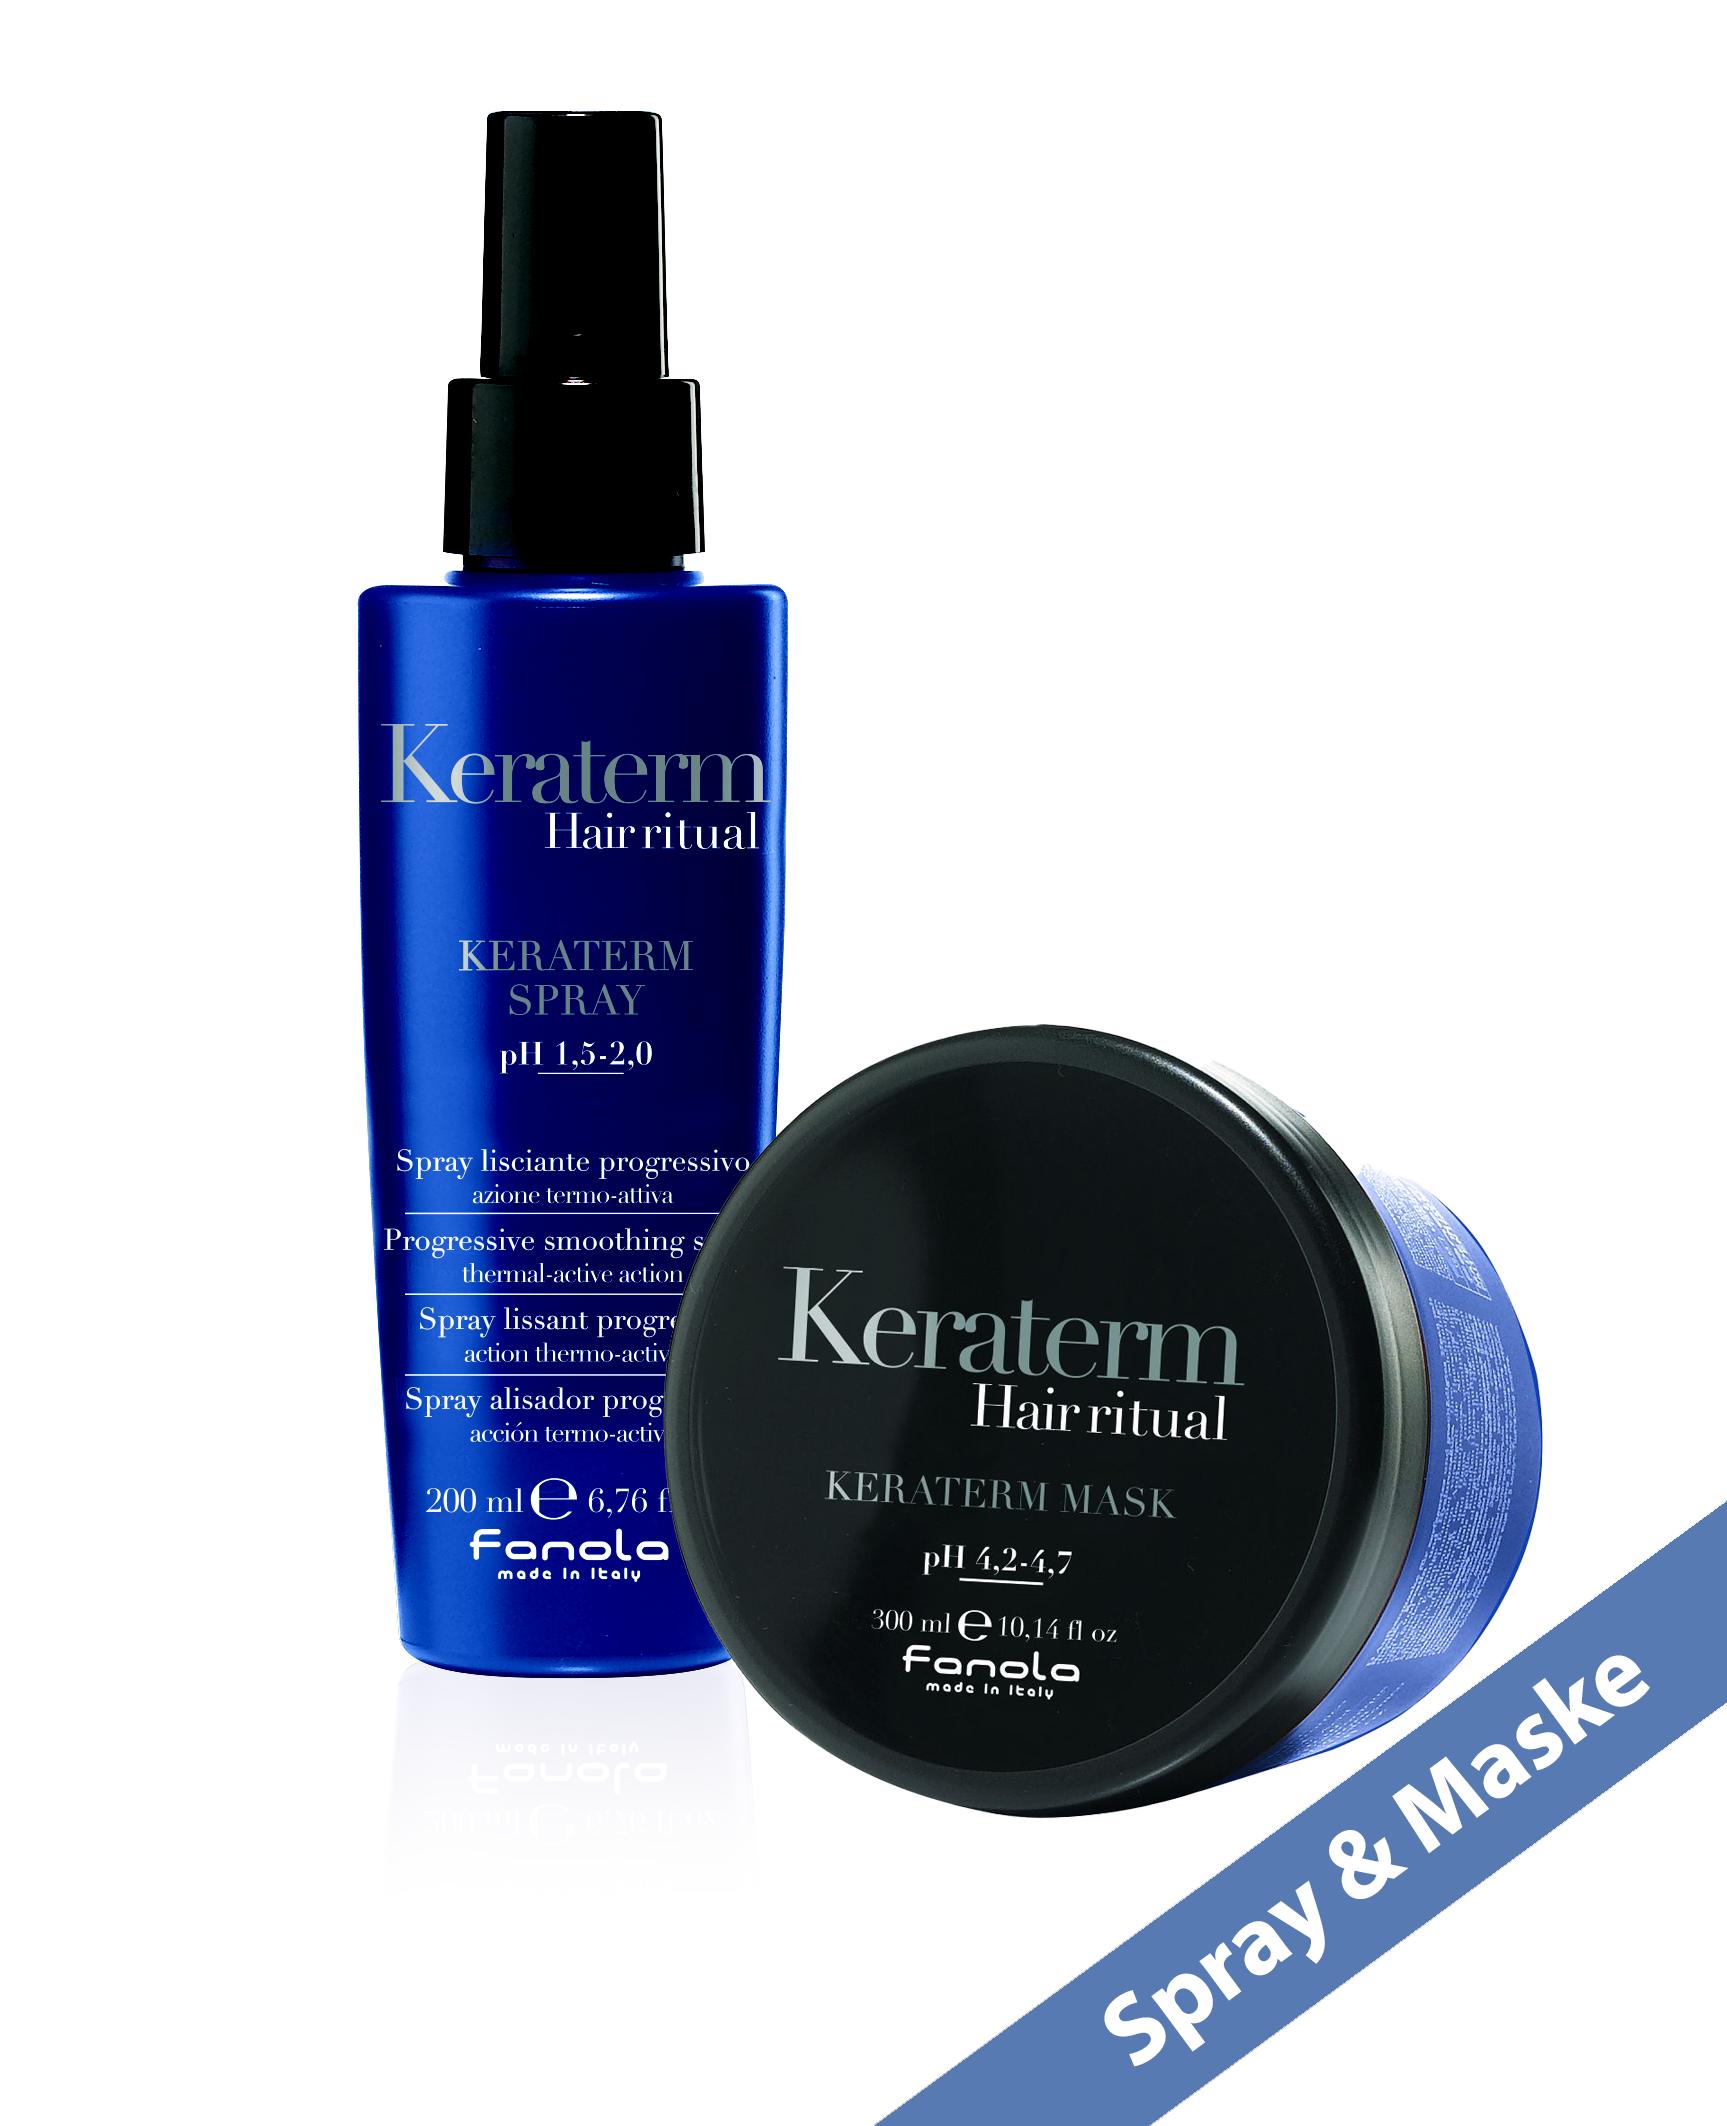 Fanola KERATERM Set: Hair Ritual Spray 200 ml & Hair Ritual Maske 300 ml